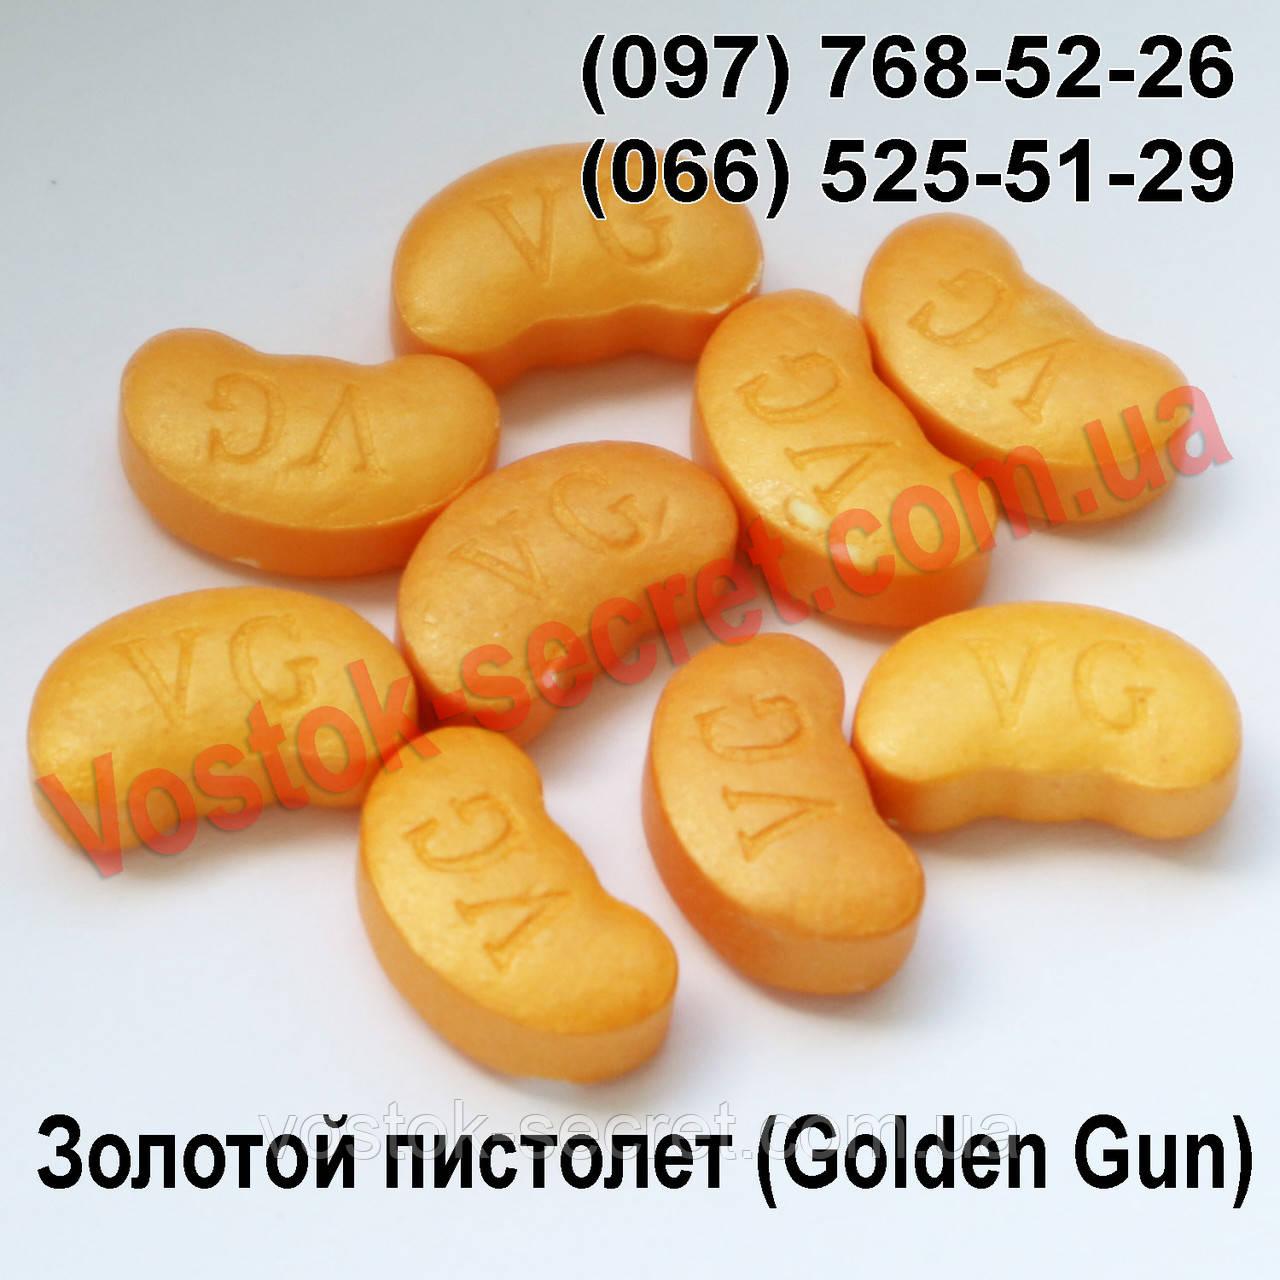 Золотой пистолет (Golden Gun) препарт для потенции. Пробник, 1 таблетка